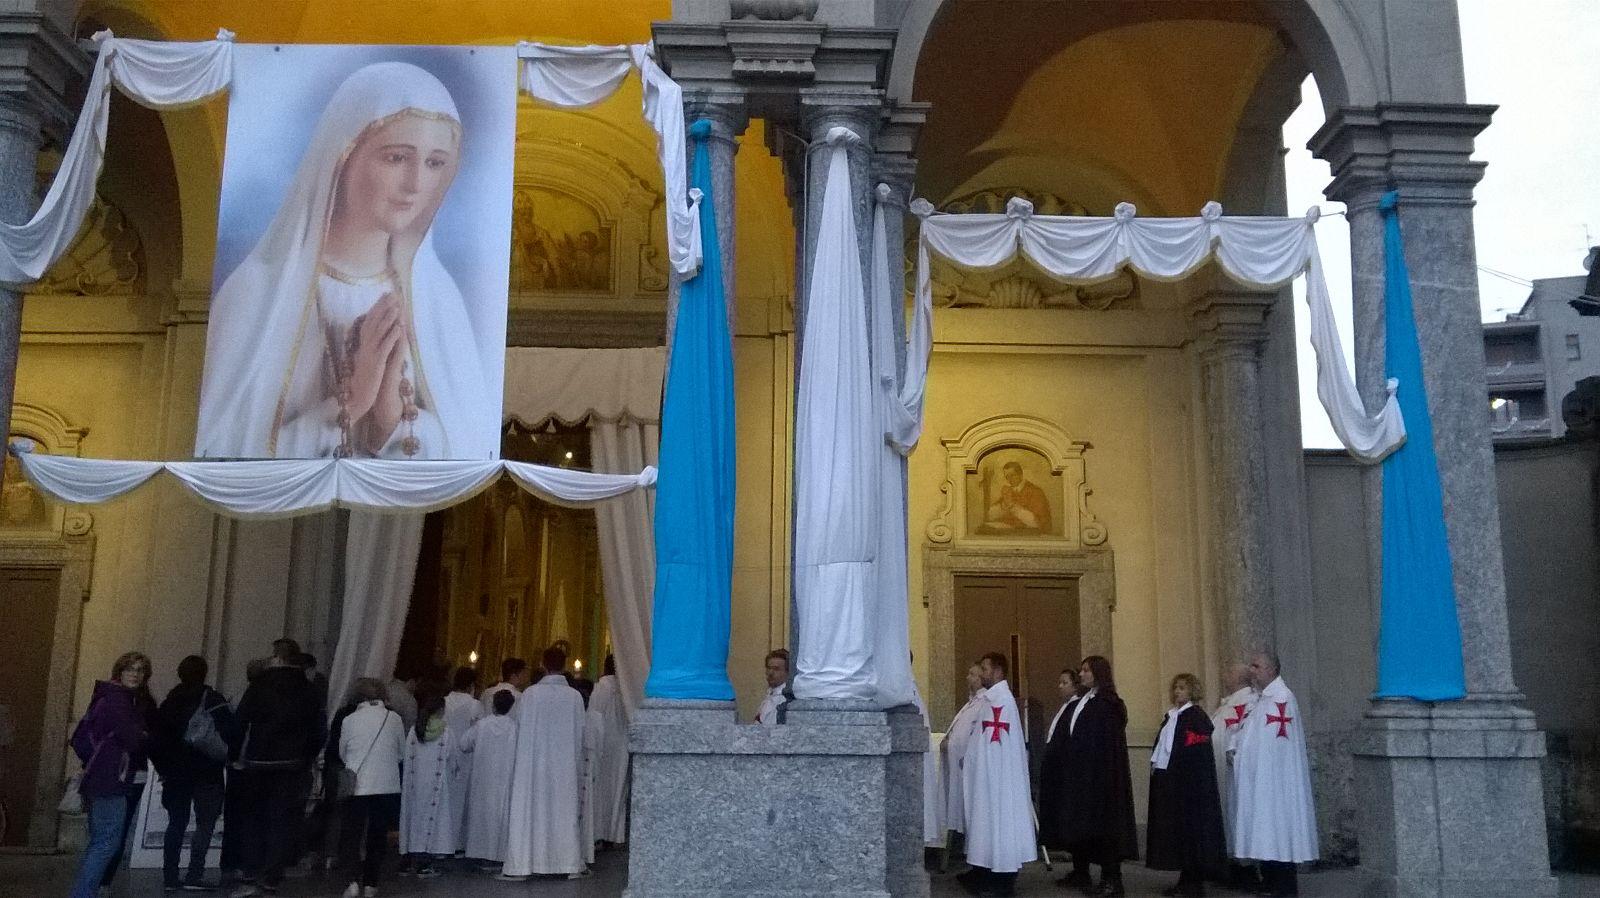 Nuestra Señora Peregrina de Fátima en Arcore 2016 con S.E. Mons. Mario del Pini, vicario General de la Diócesis de Milán